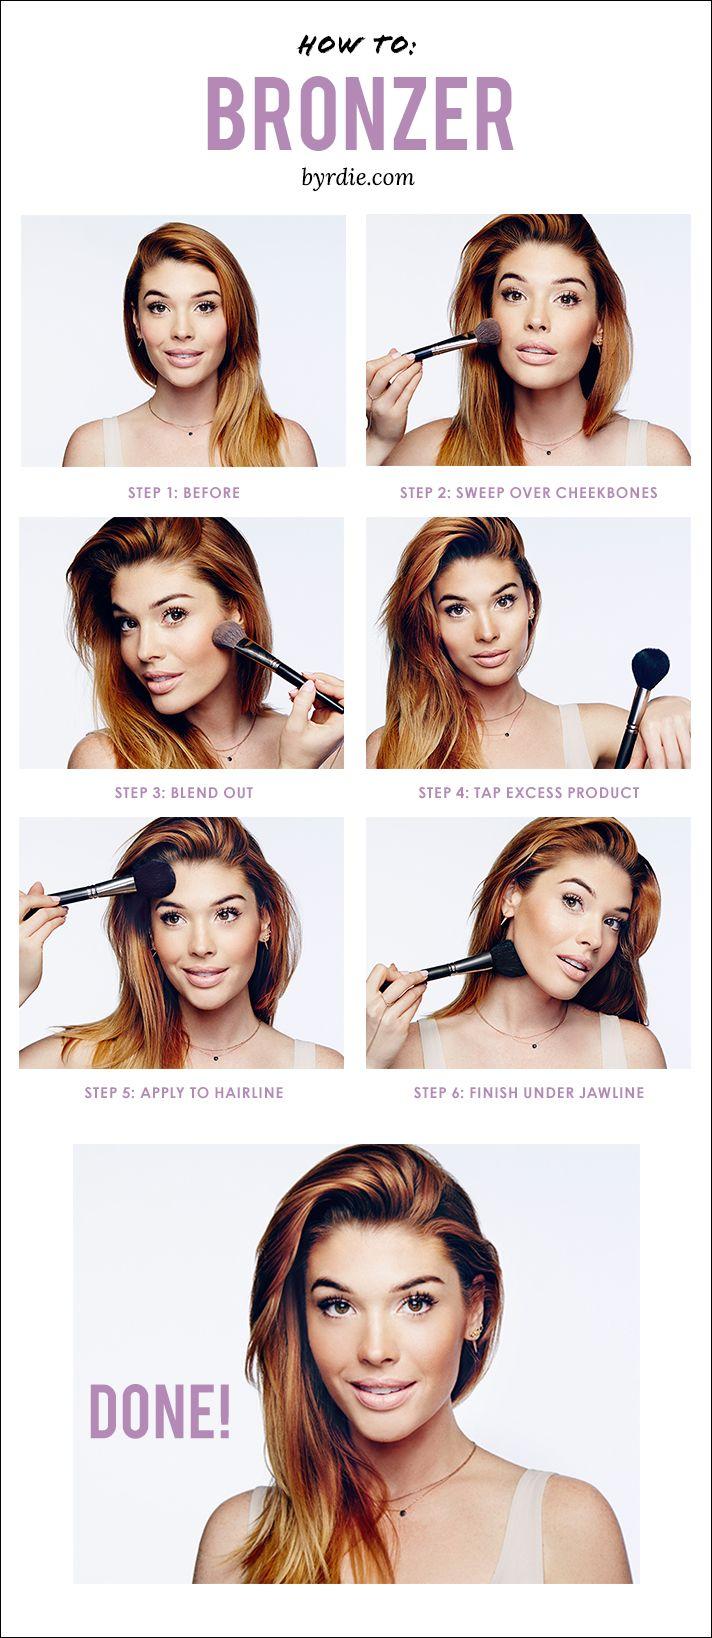 Makeup: Makeup Tips, Party Makeup & Celebrity Looks